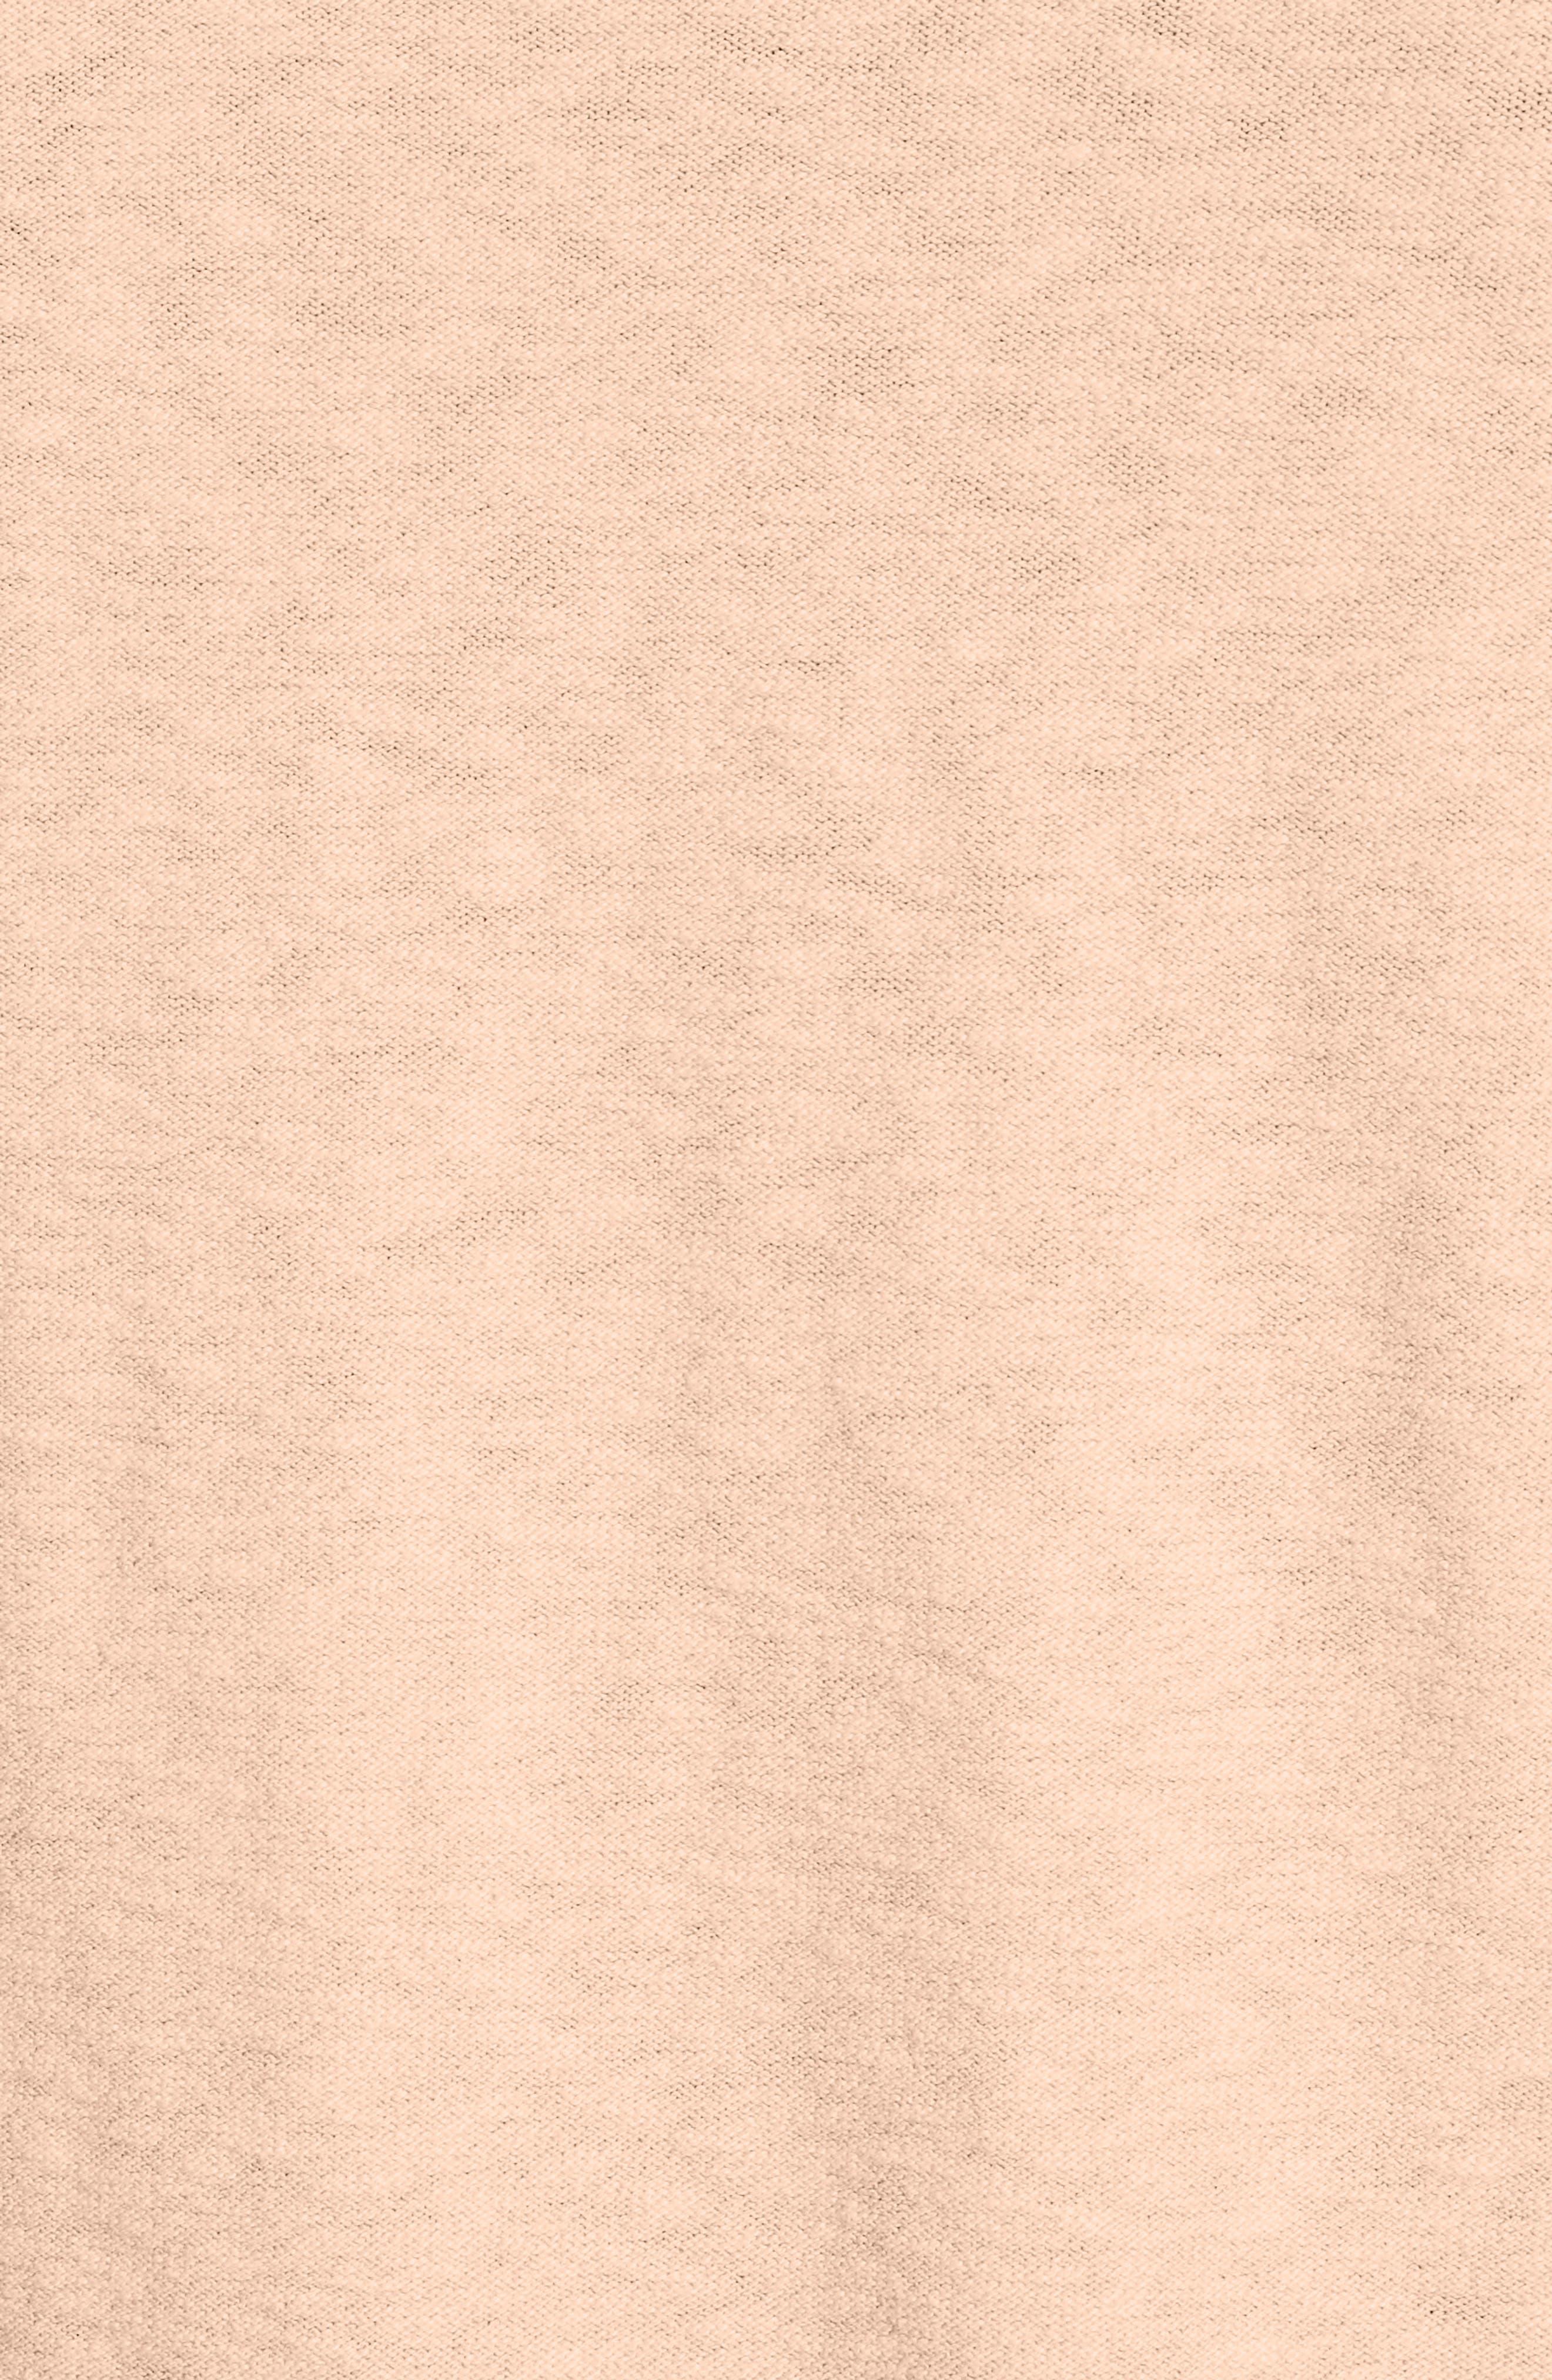 Garment Dyed Cotton Blend Sweatshirt,                             Alternate thumbnail 5, color,                             Coral